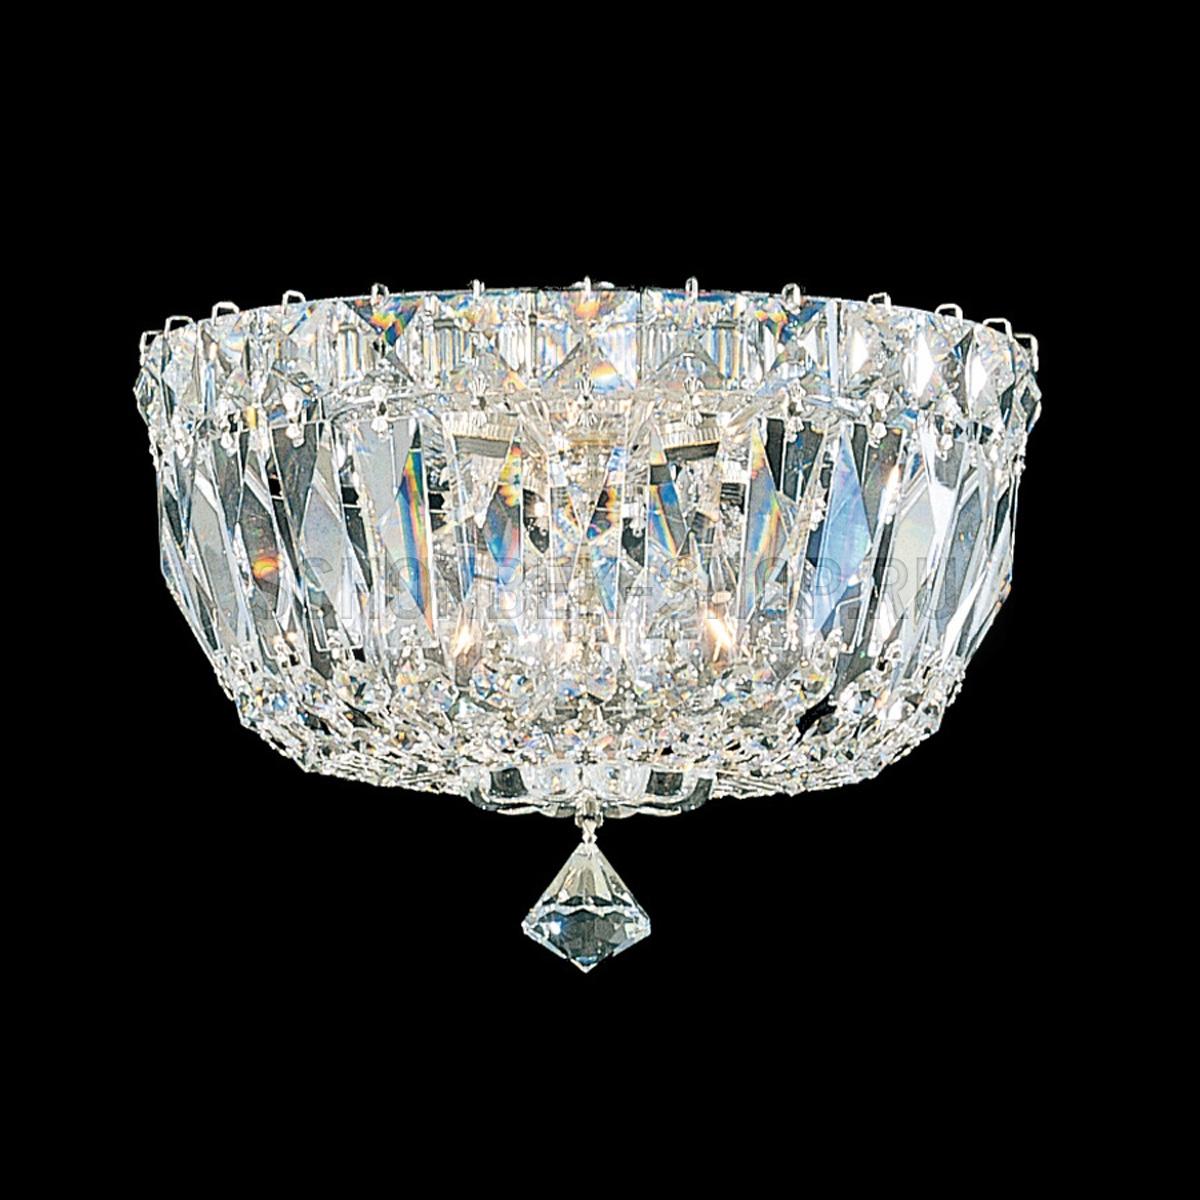 Фотография 1 - Светильник Schonbek Petit Crystal Deluxe 5890